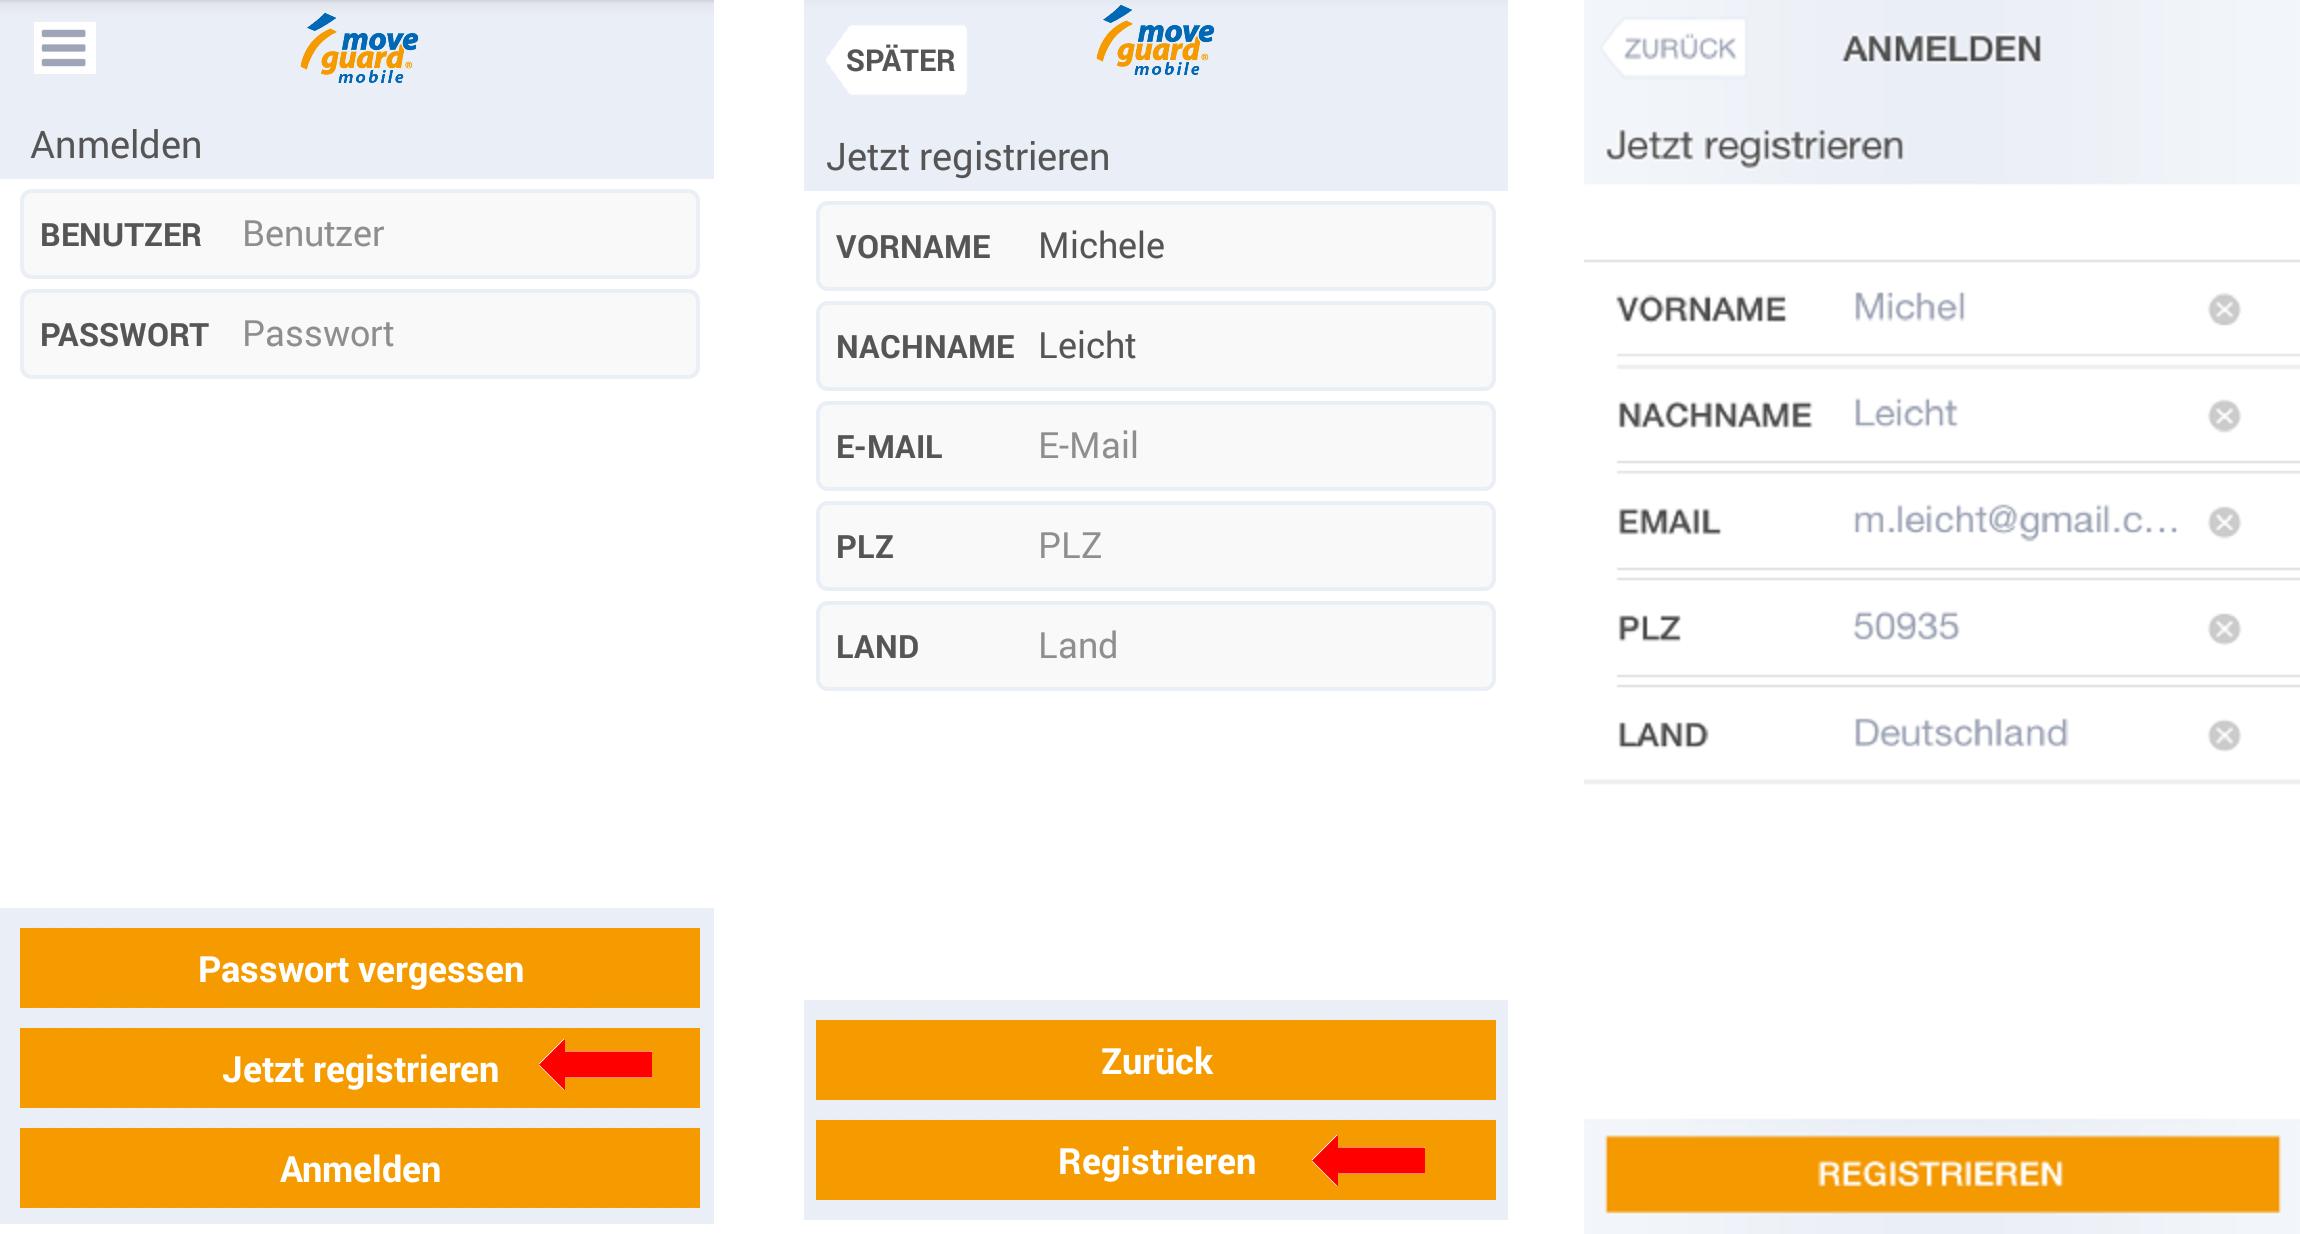 Registrierung moveguard